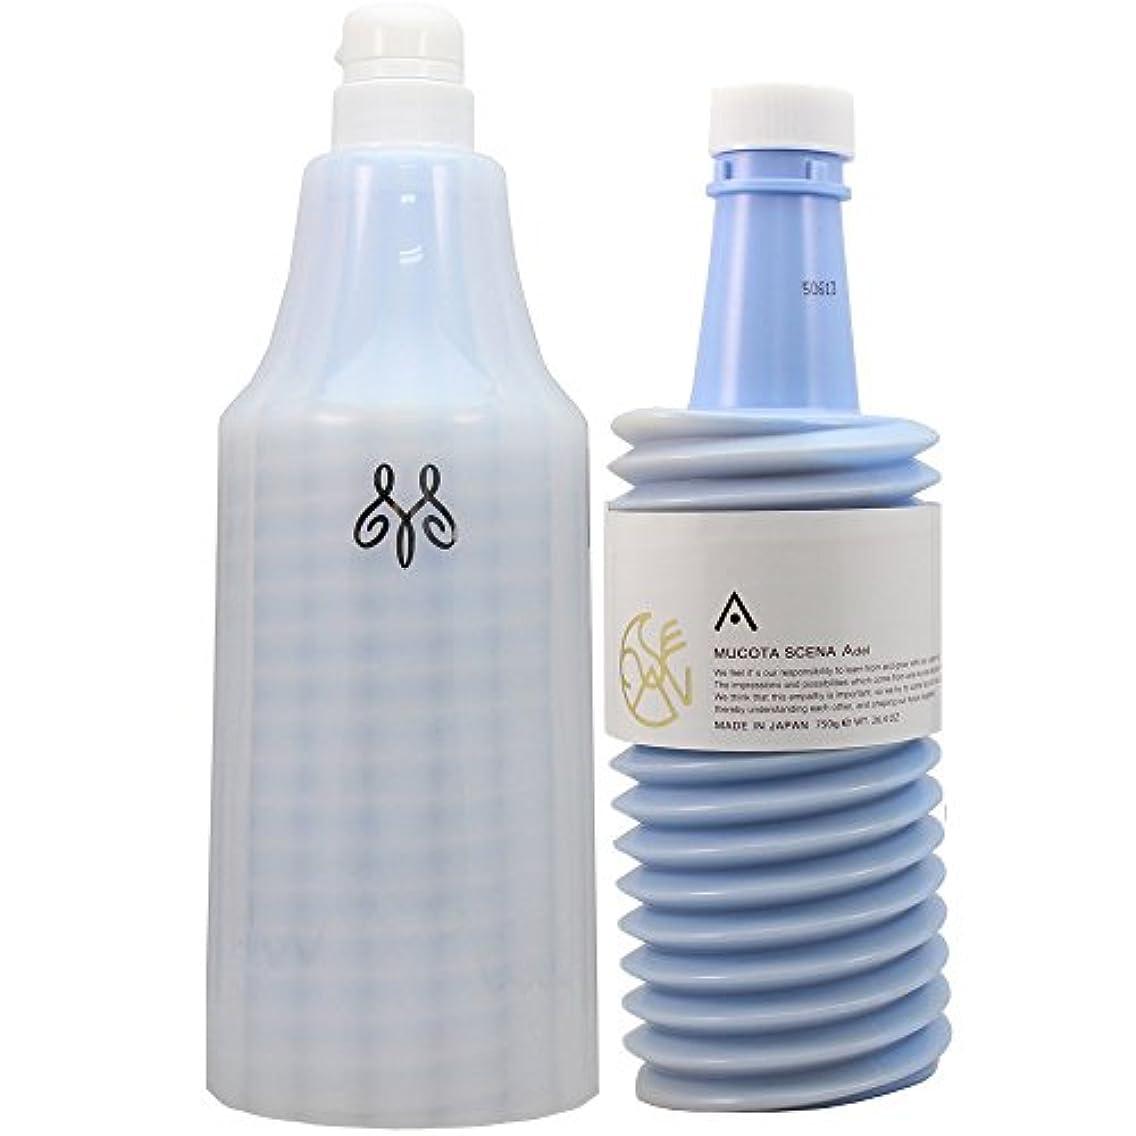 活発予防接種する不快なムコタ シェーナ アーデル 容器セット 750g